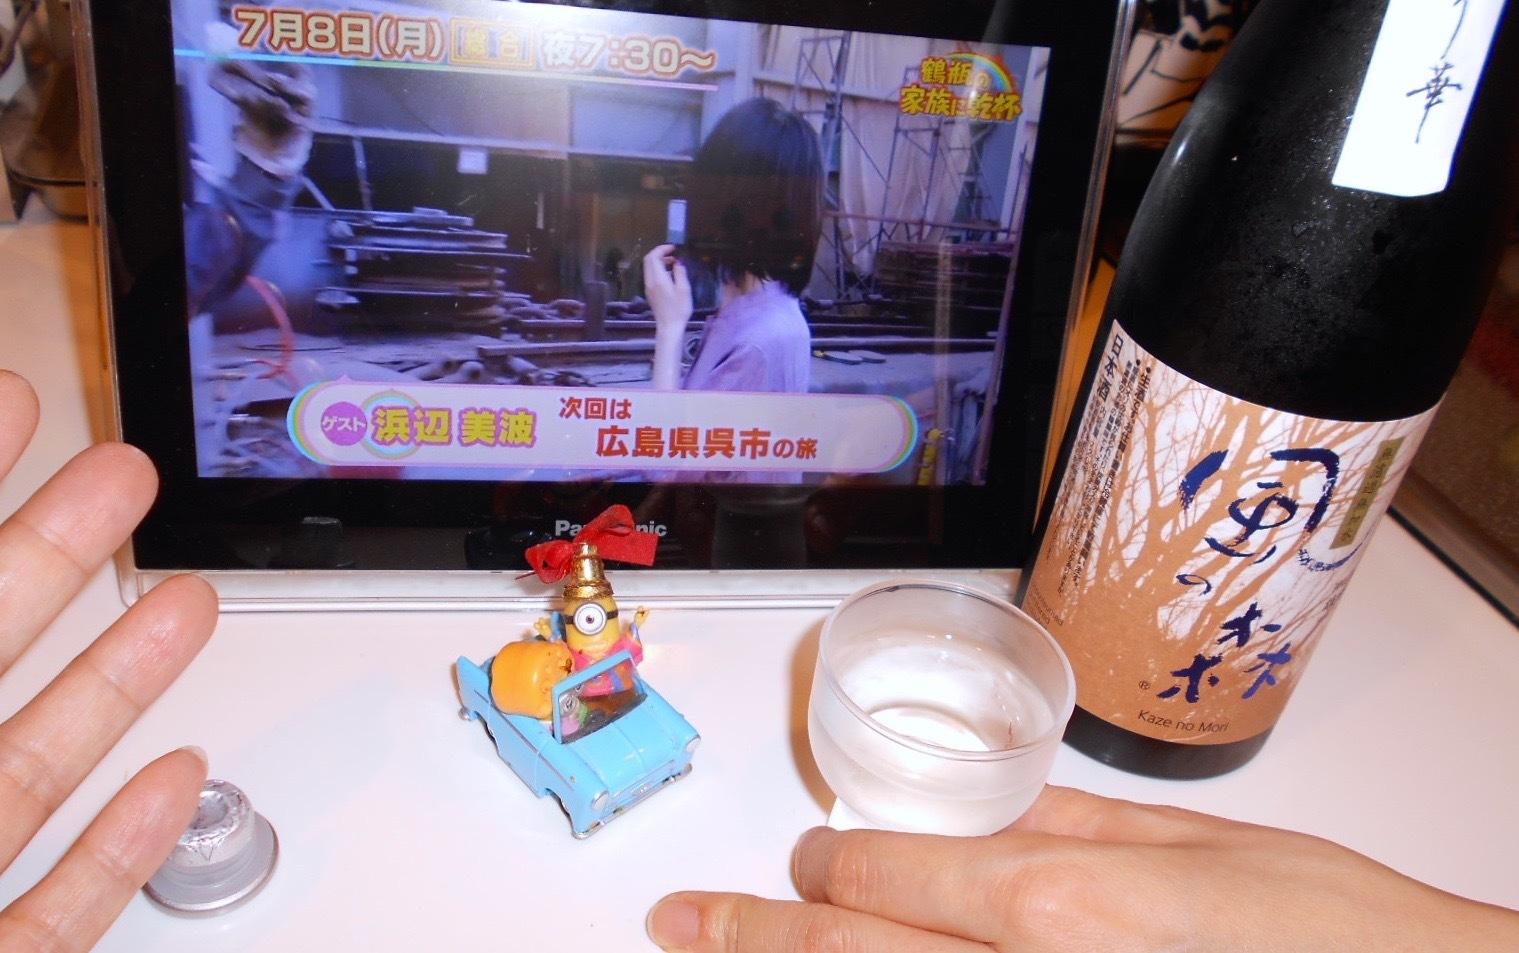 kazenomori_omachi80_30by7.jpg